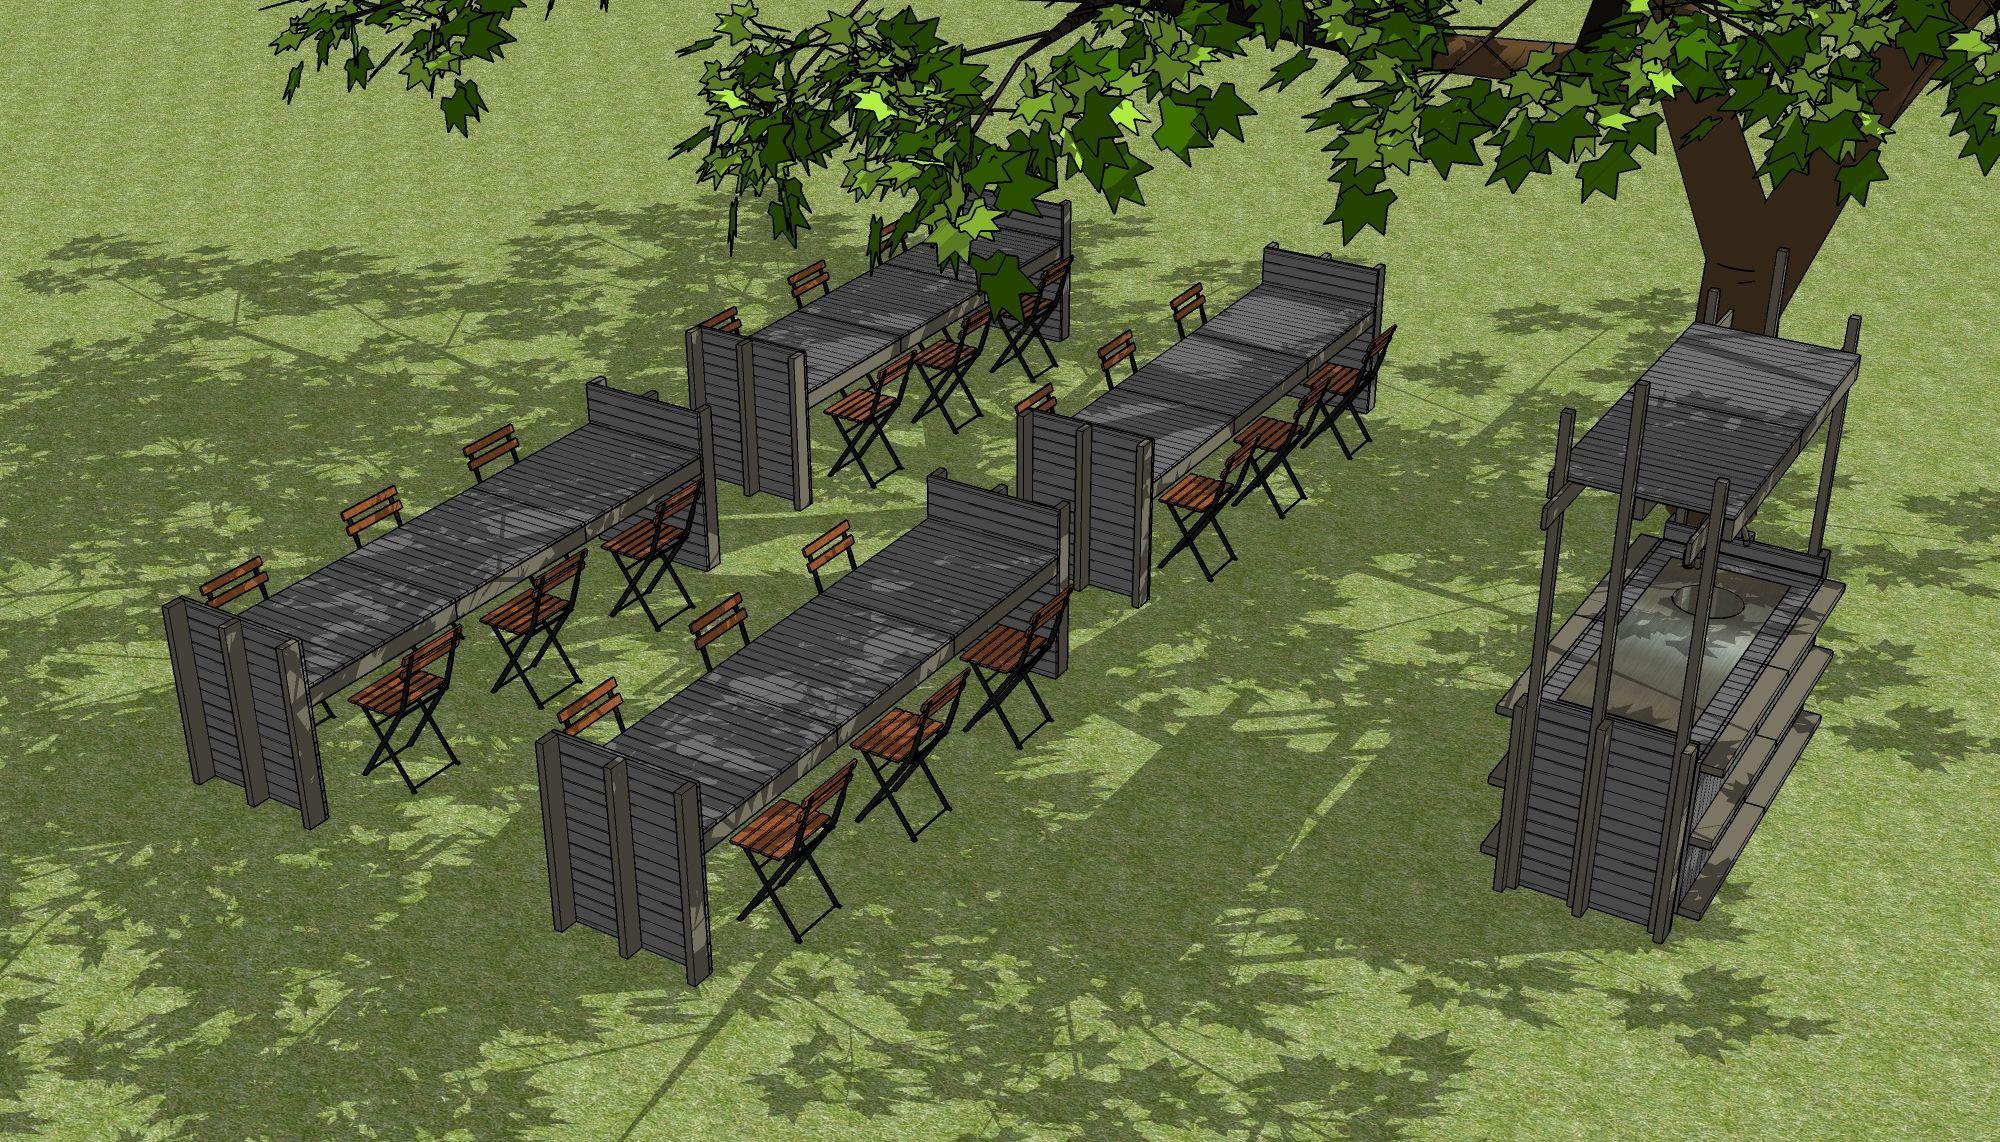 buitenkeuken en tafels voor een tuinfeest